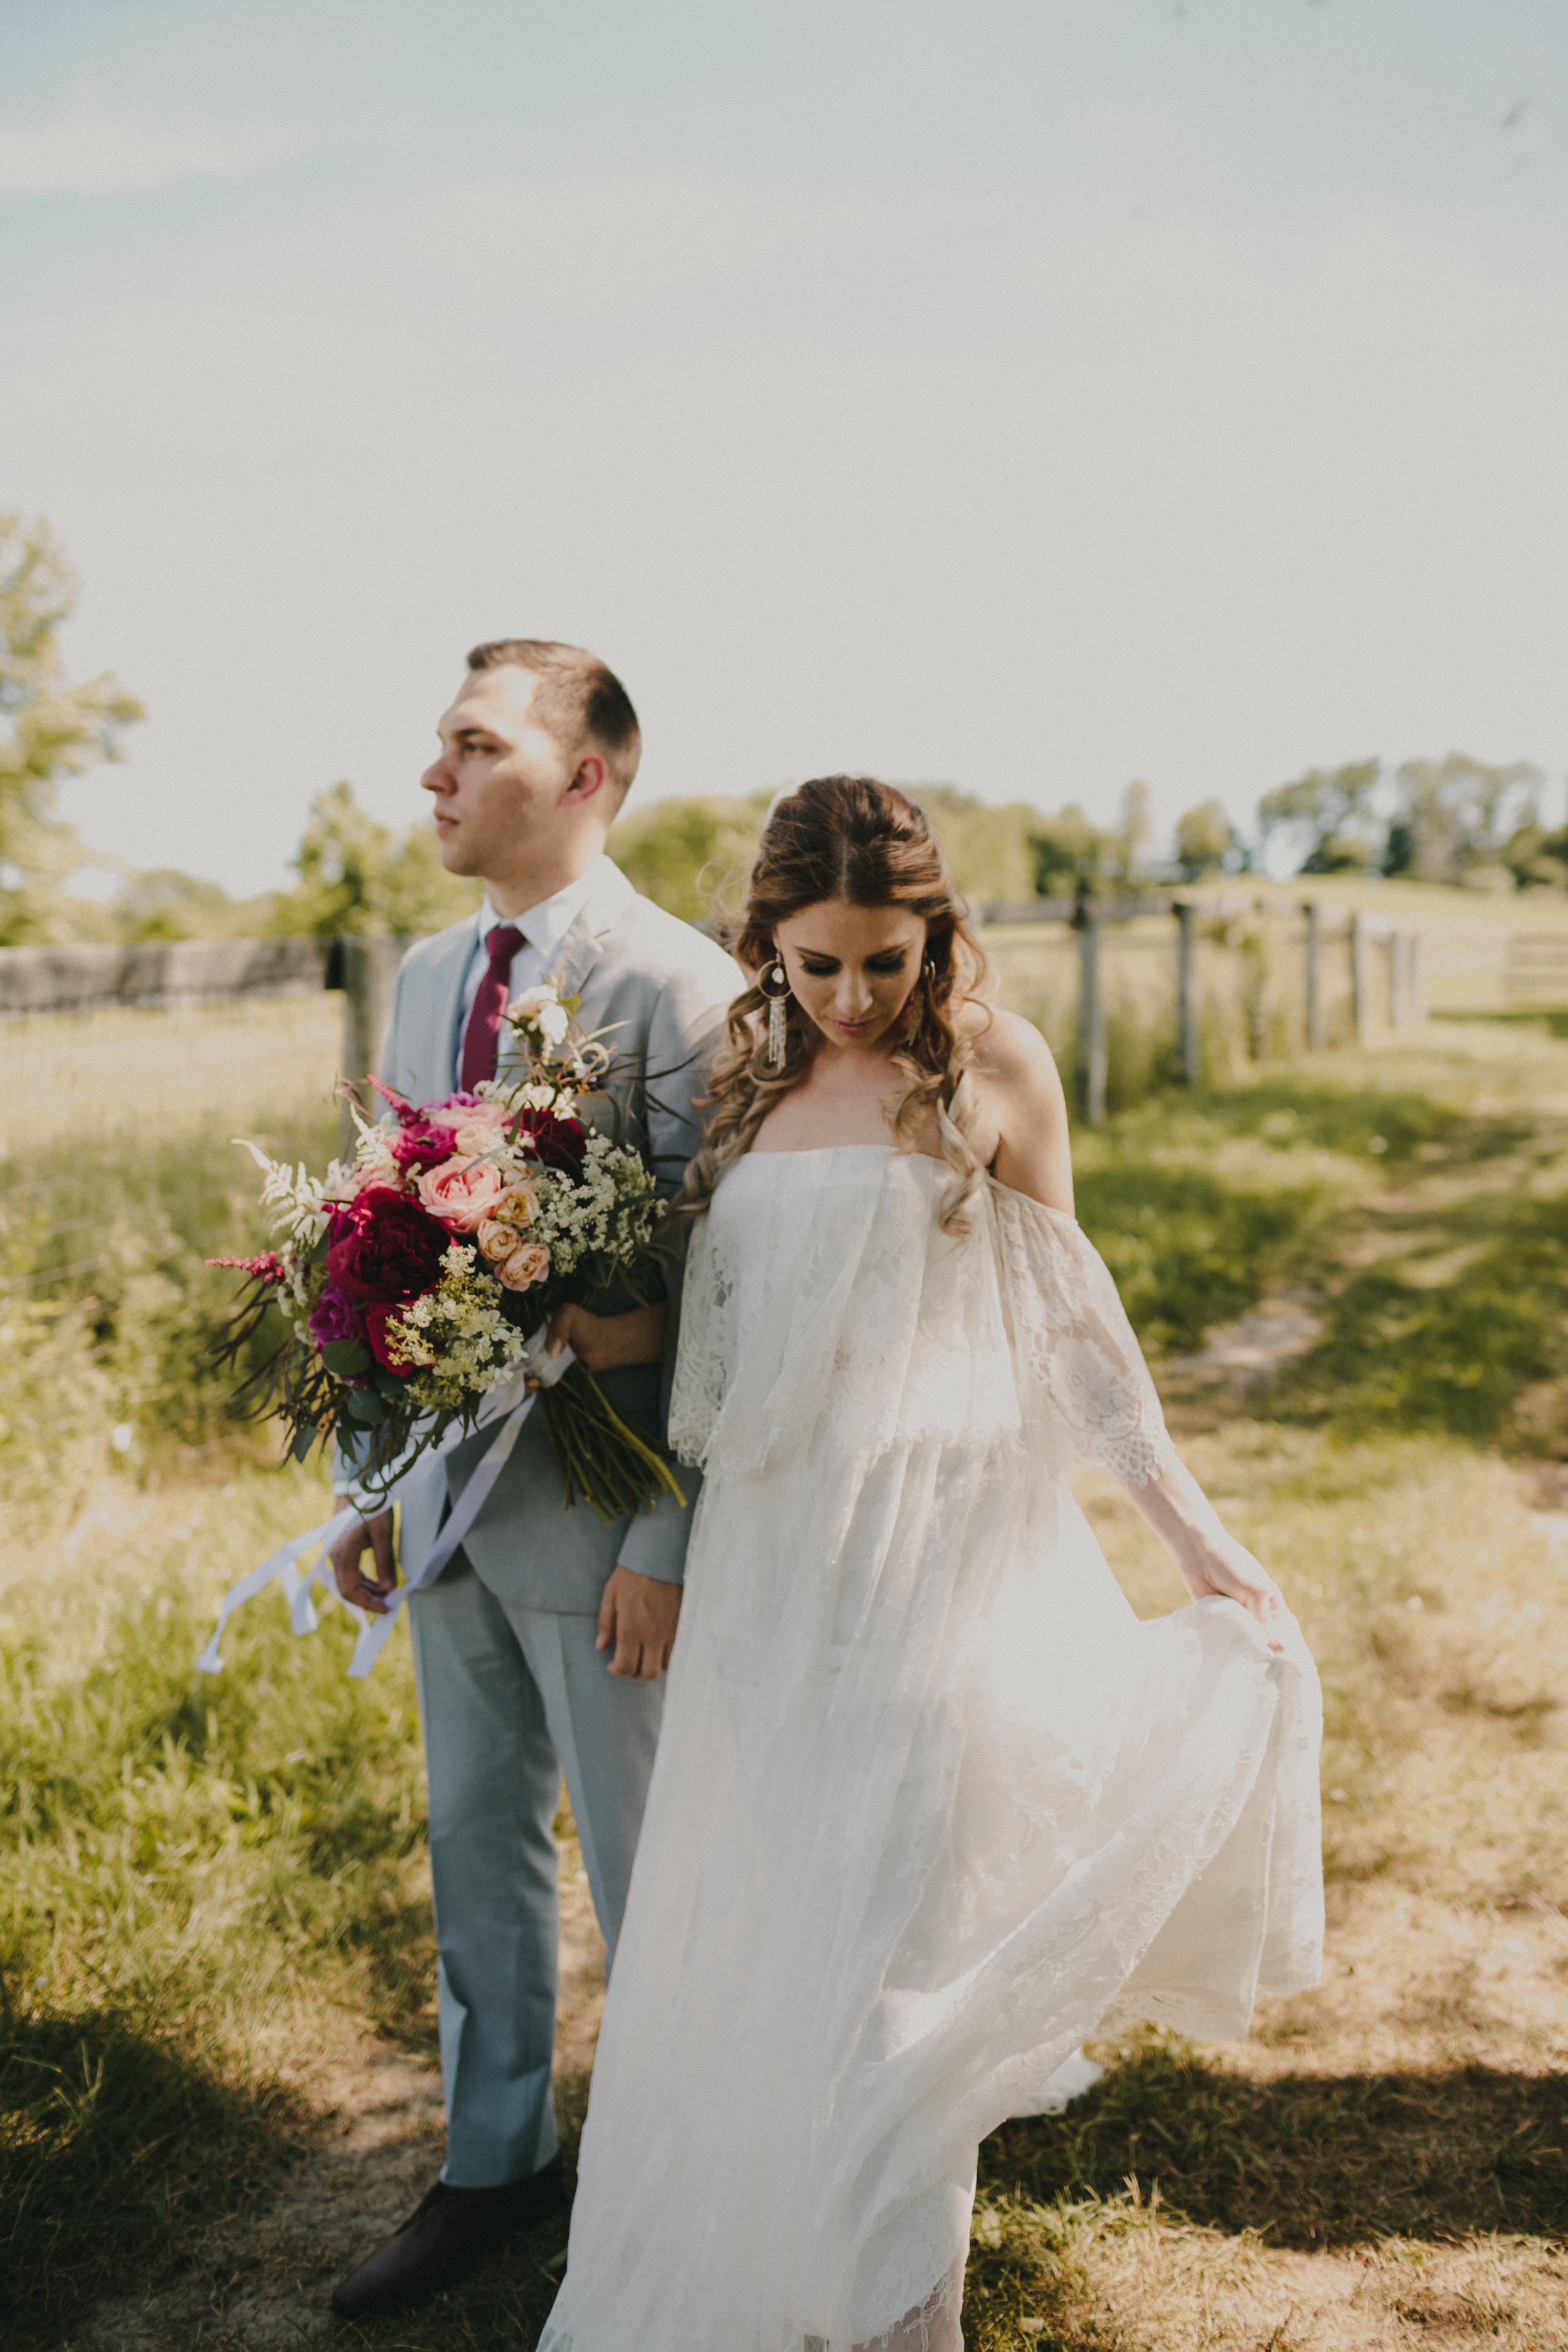 383-20180616-Amanda_Brett_Catskills_Summer_Boho_Wedding.jpg